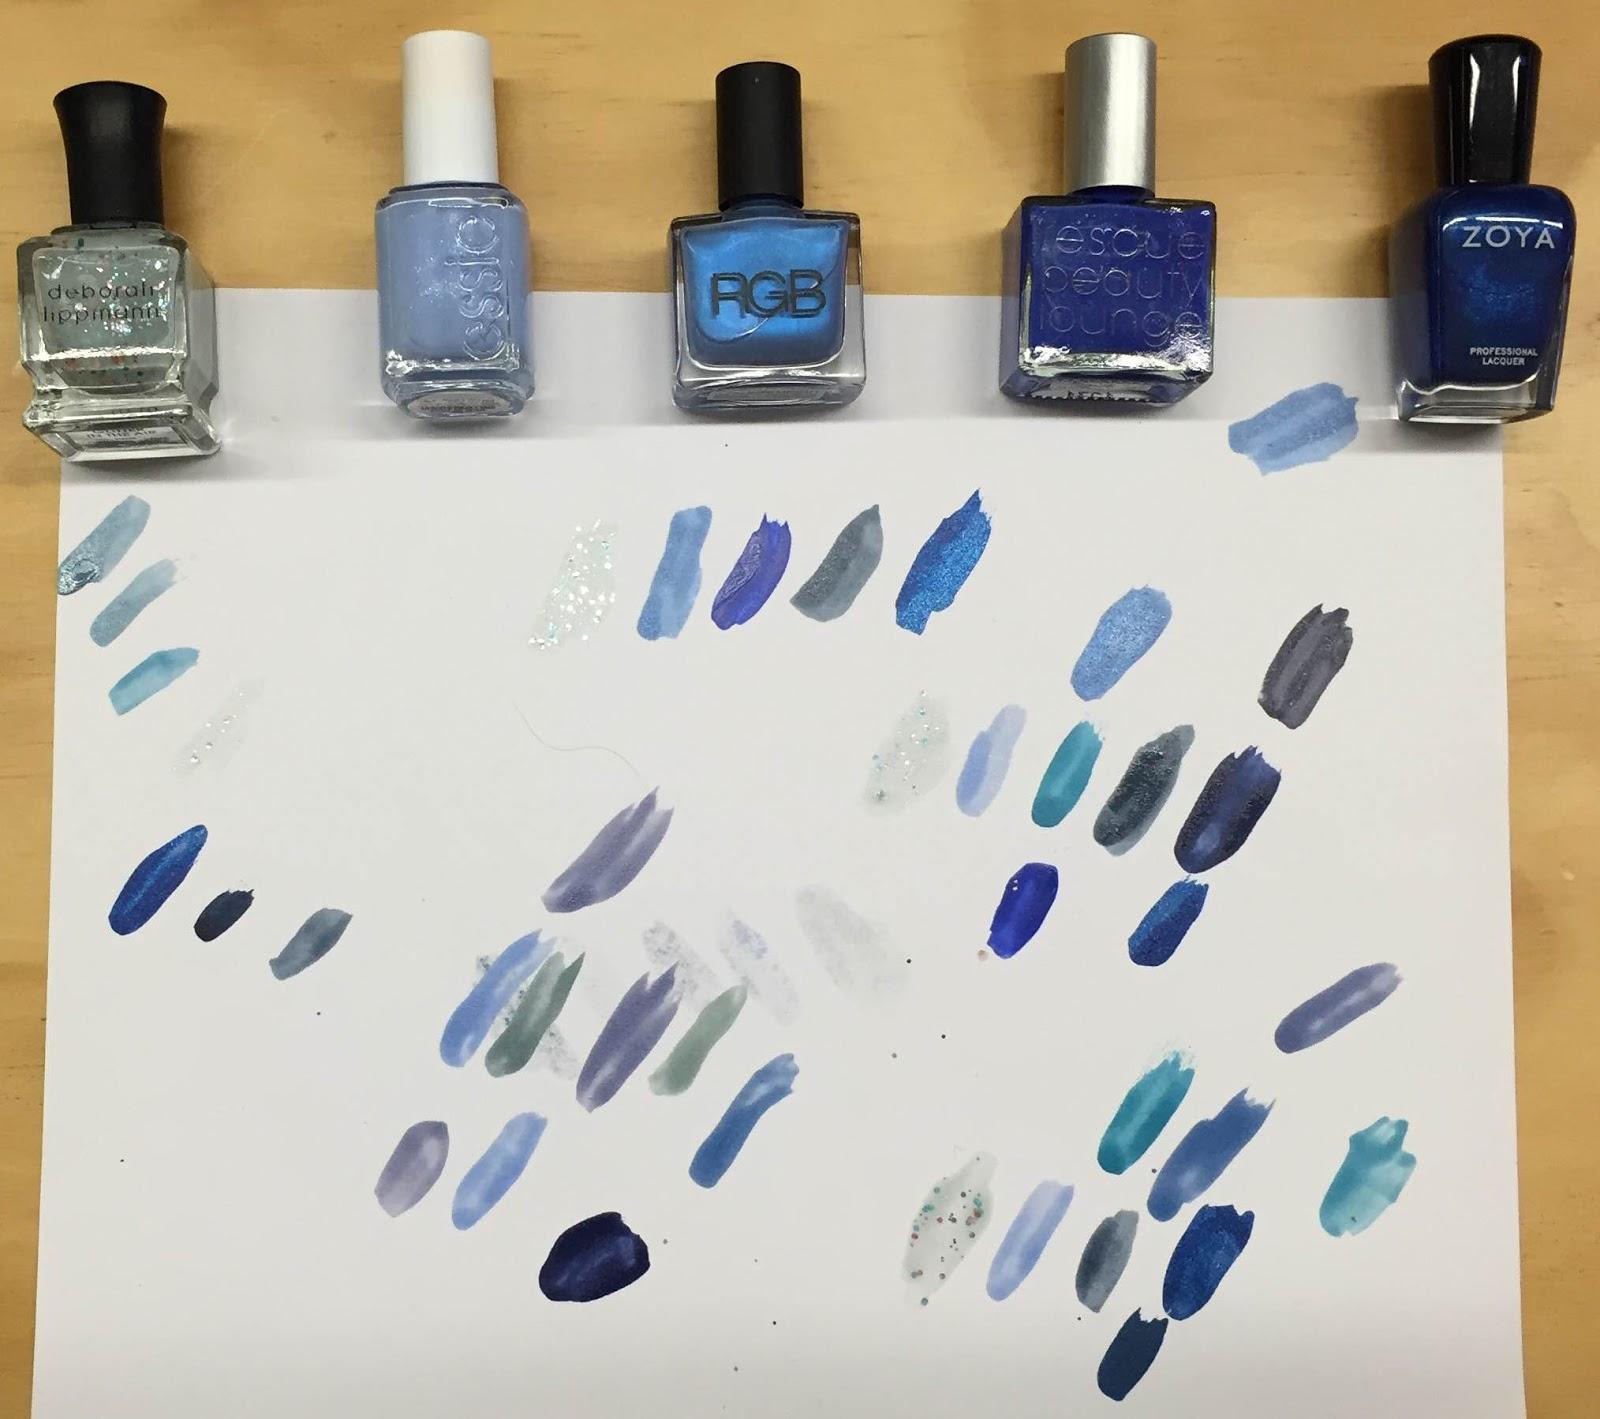 Blue Nail Polish Combinations: The Beauty Of Life: My Happy Hanukkah Nail Art: A Blue